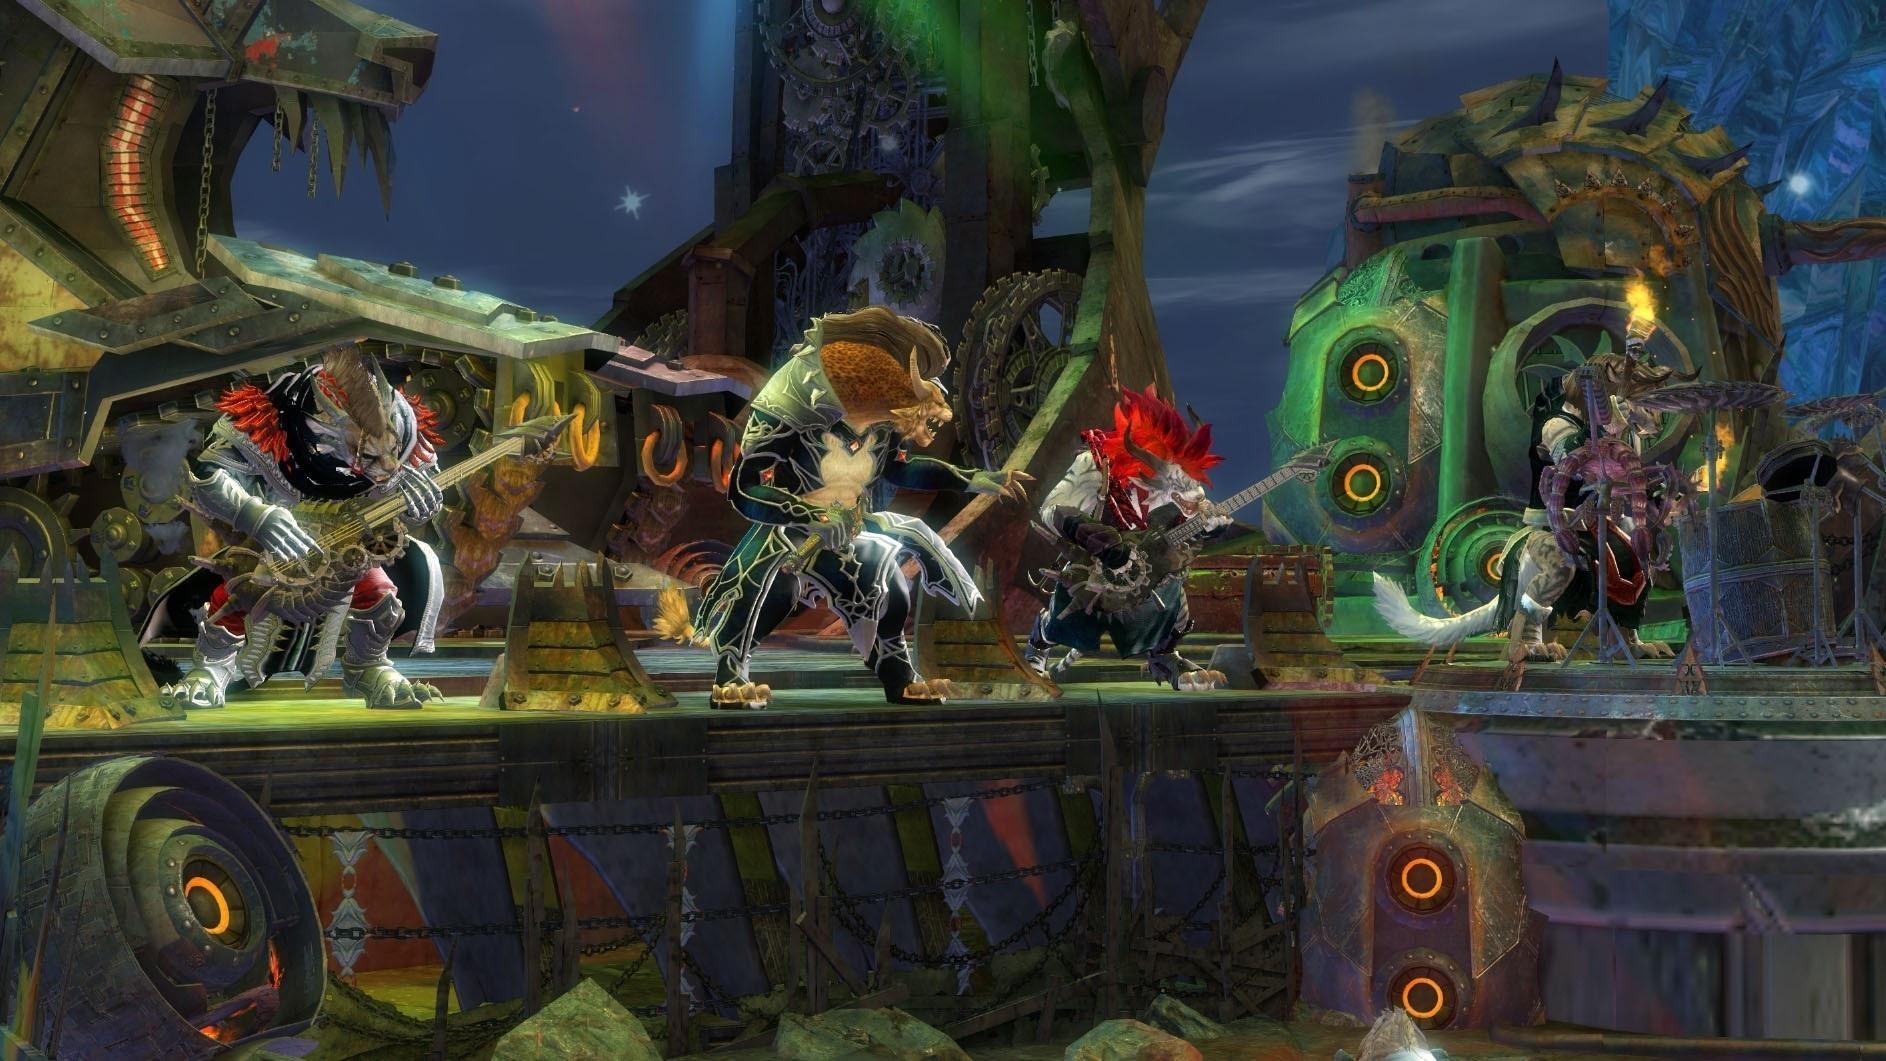 Das erwartet euch im Prolog zur neuen Eisbrut-Saga im MMORPG Guild Wars 2